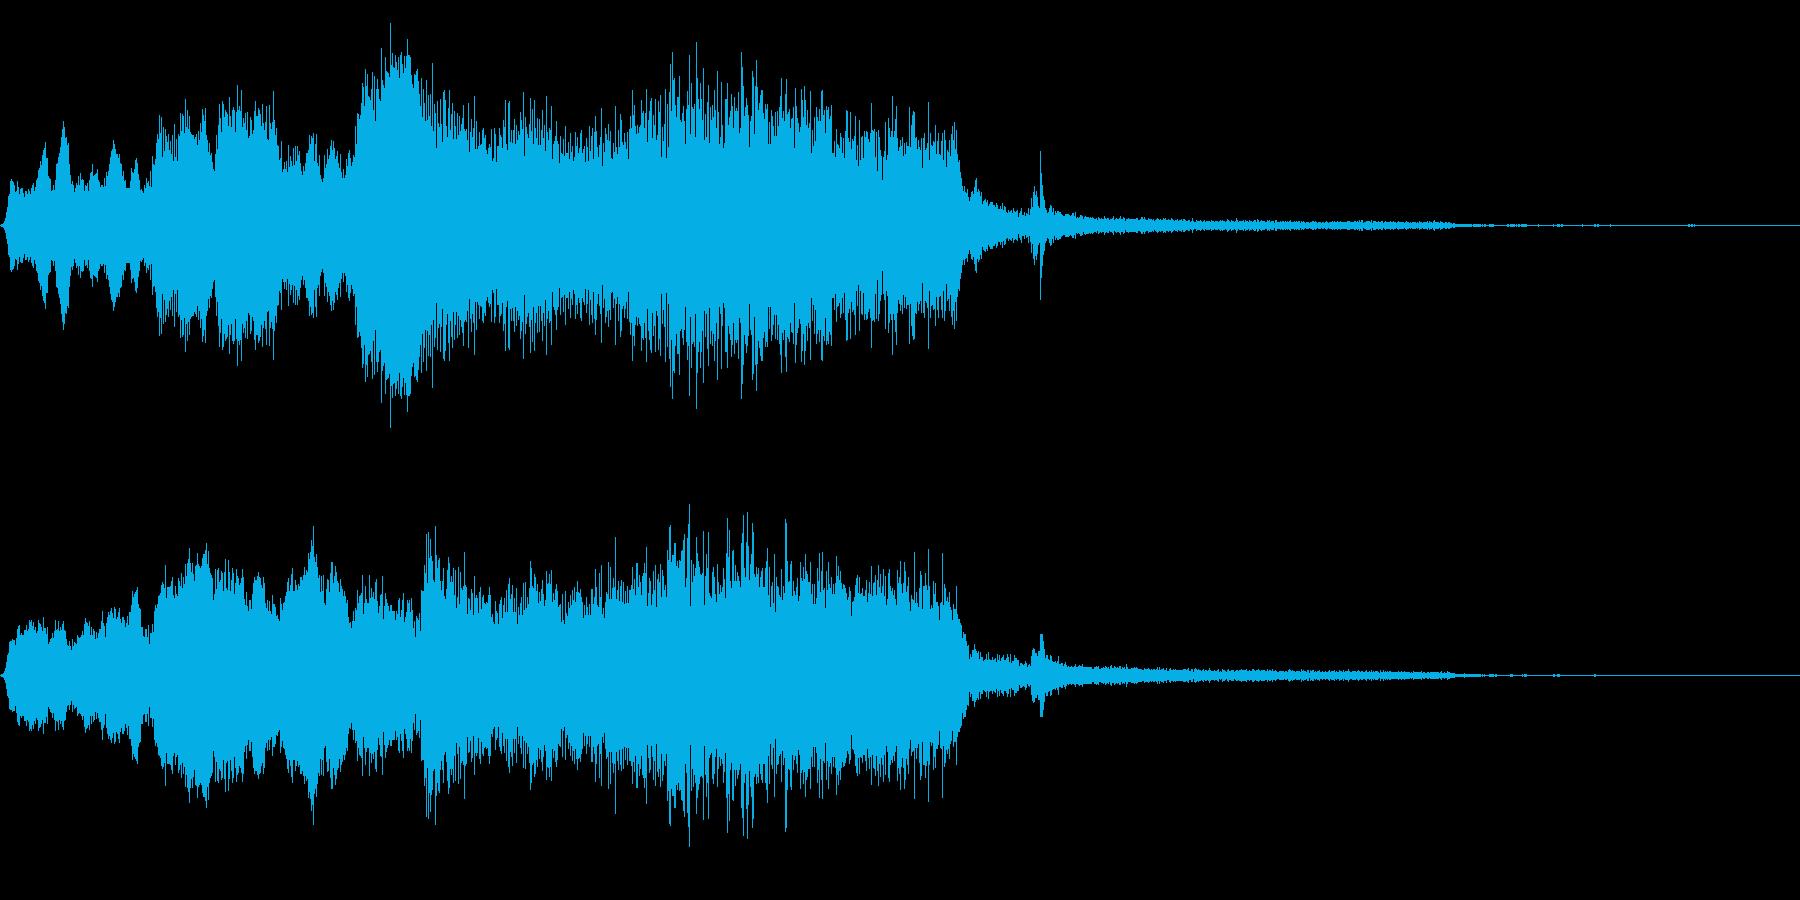 木管楽器サウンドロゴ・ジングル 場面展開の再生済みの波形